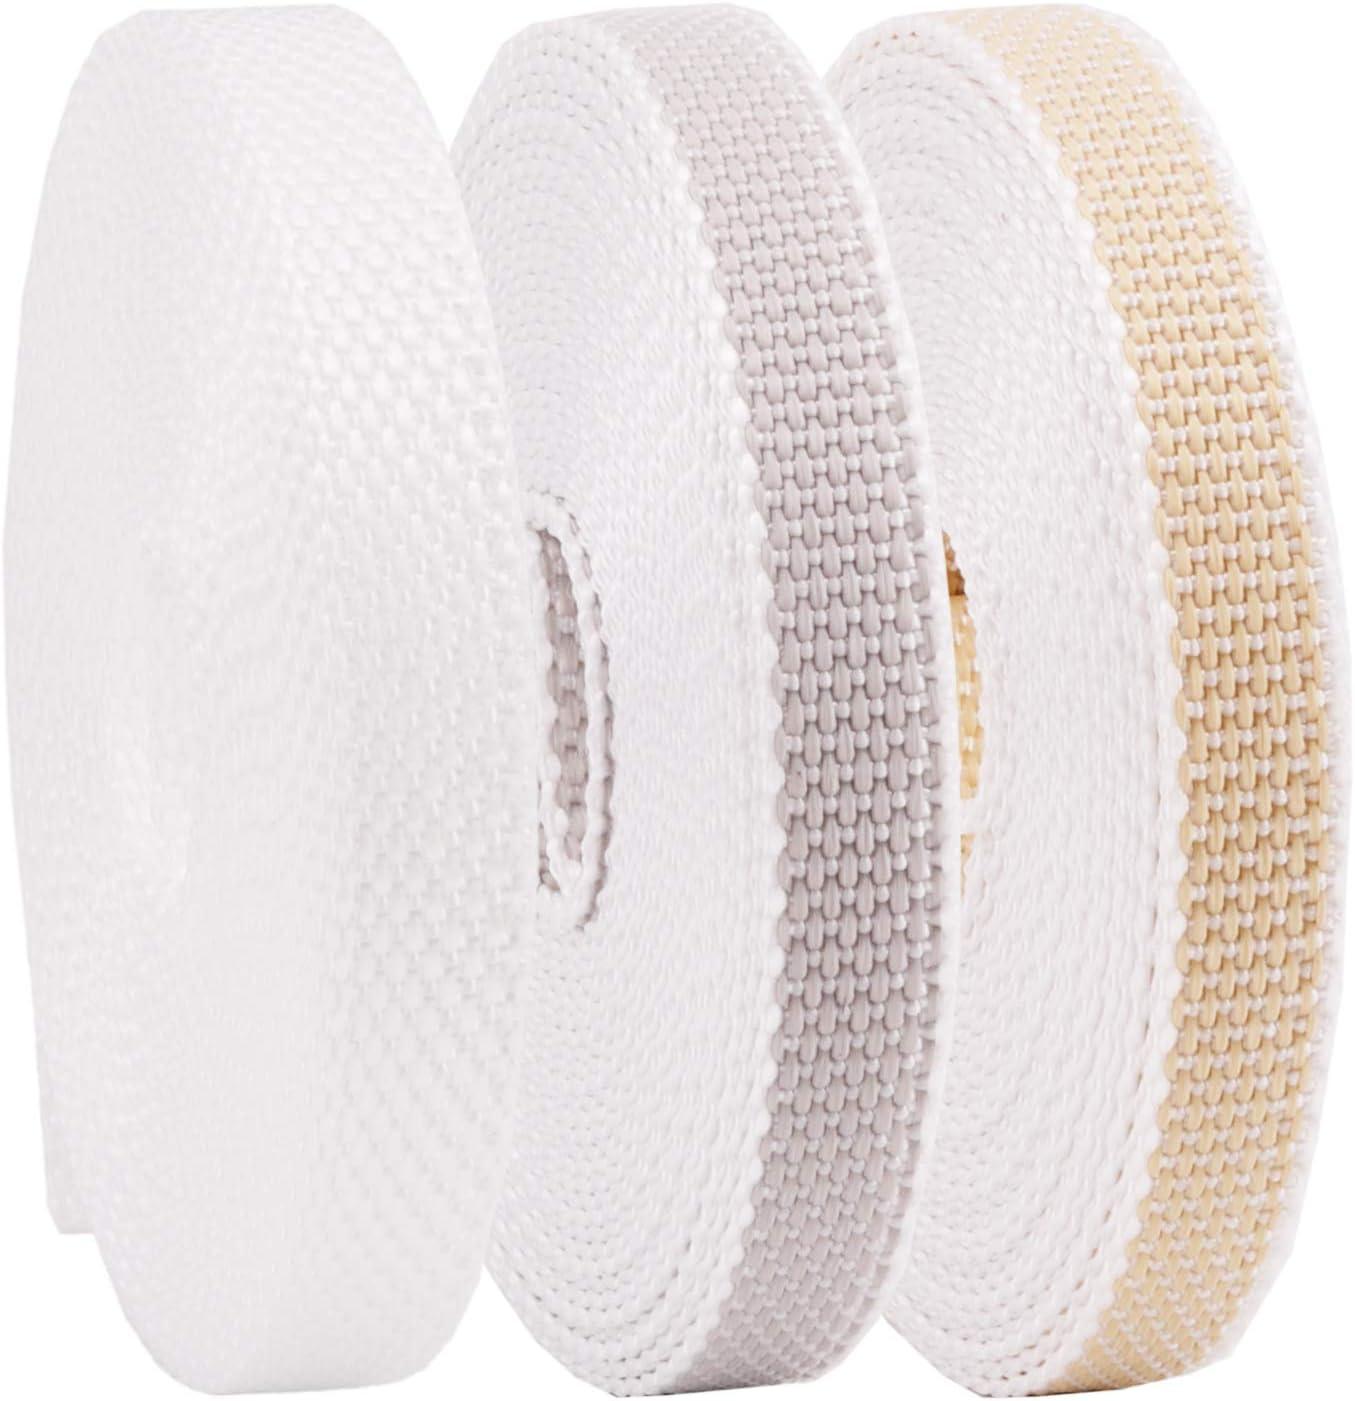 stabiles Rolladenband Rollladengurt 14//15 mm in Wei/ß 6m MADE IN GERMANY Mini Rolladengurt strapazier- und rei/ßfest Gurtband f/ür Rolladen und Jalousie